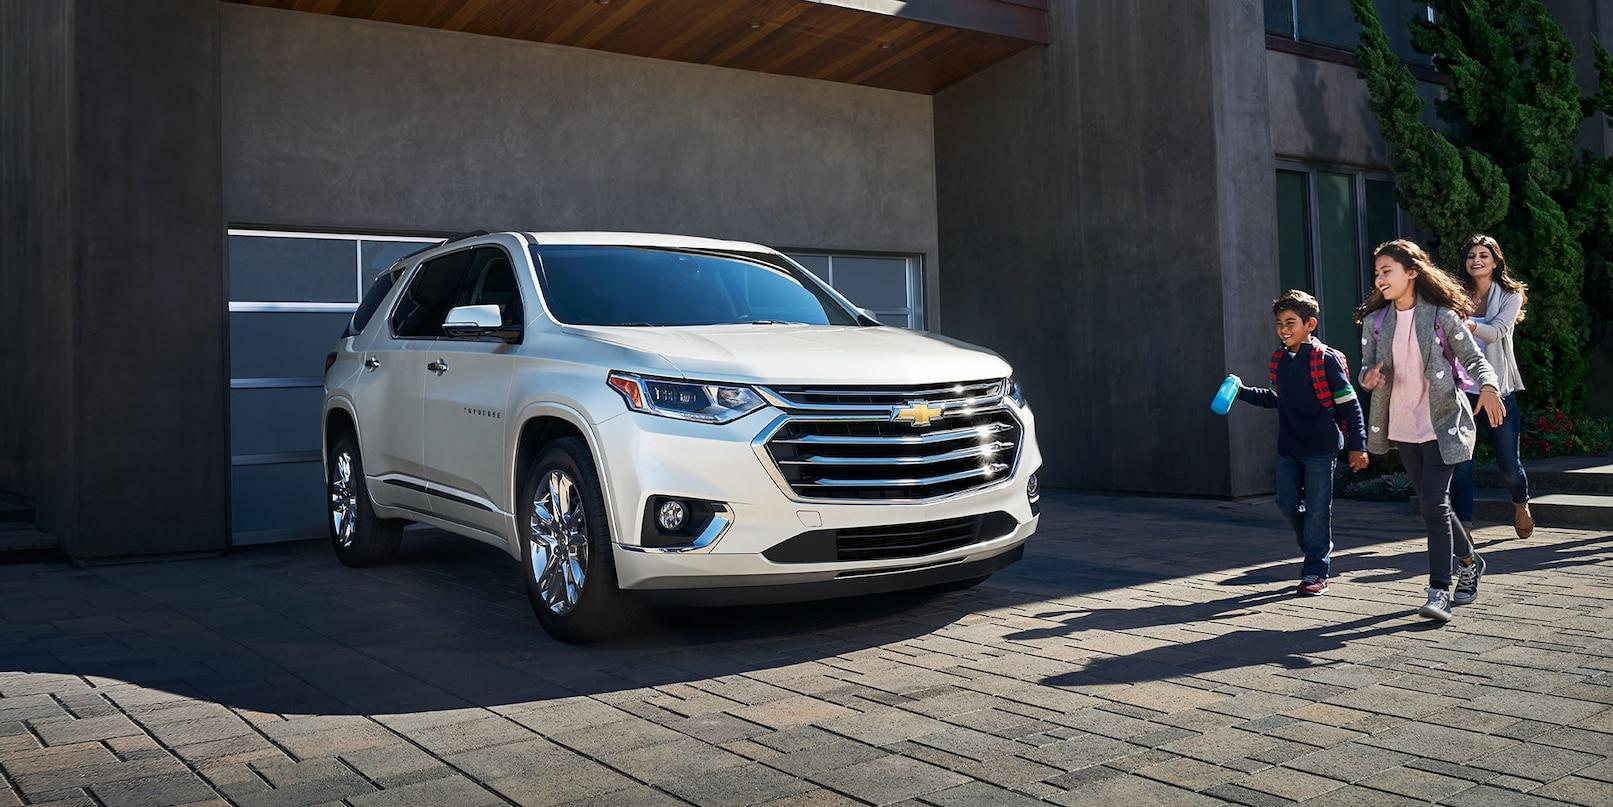 2020 Chevrolet Traverse for Sale near Mobile, AL